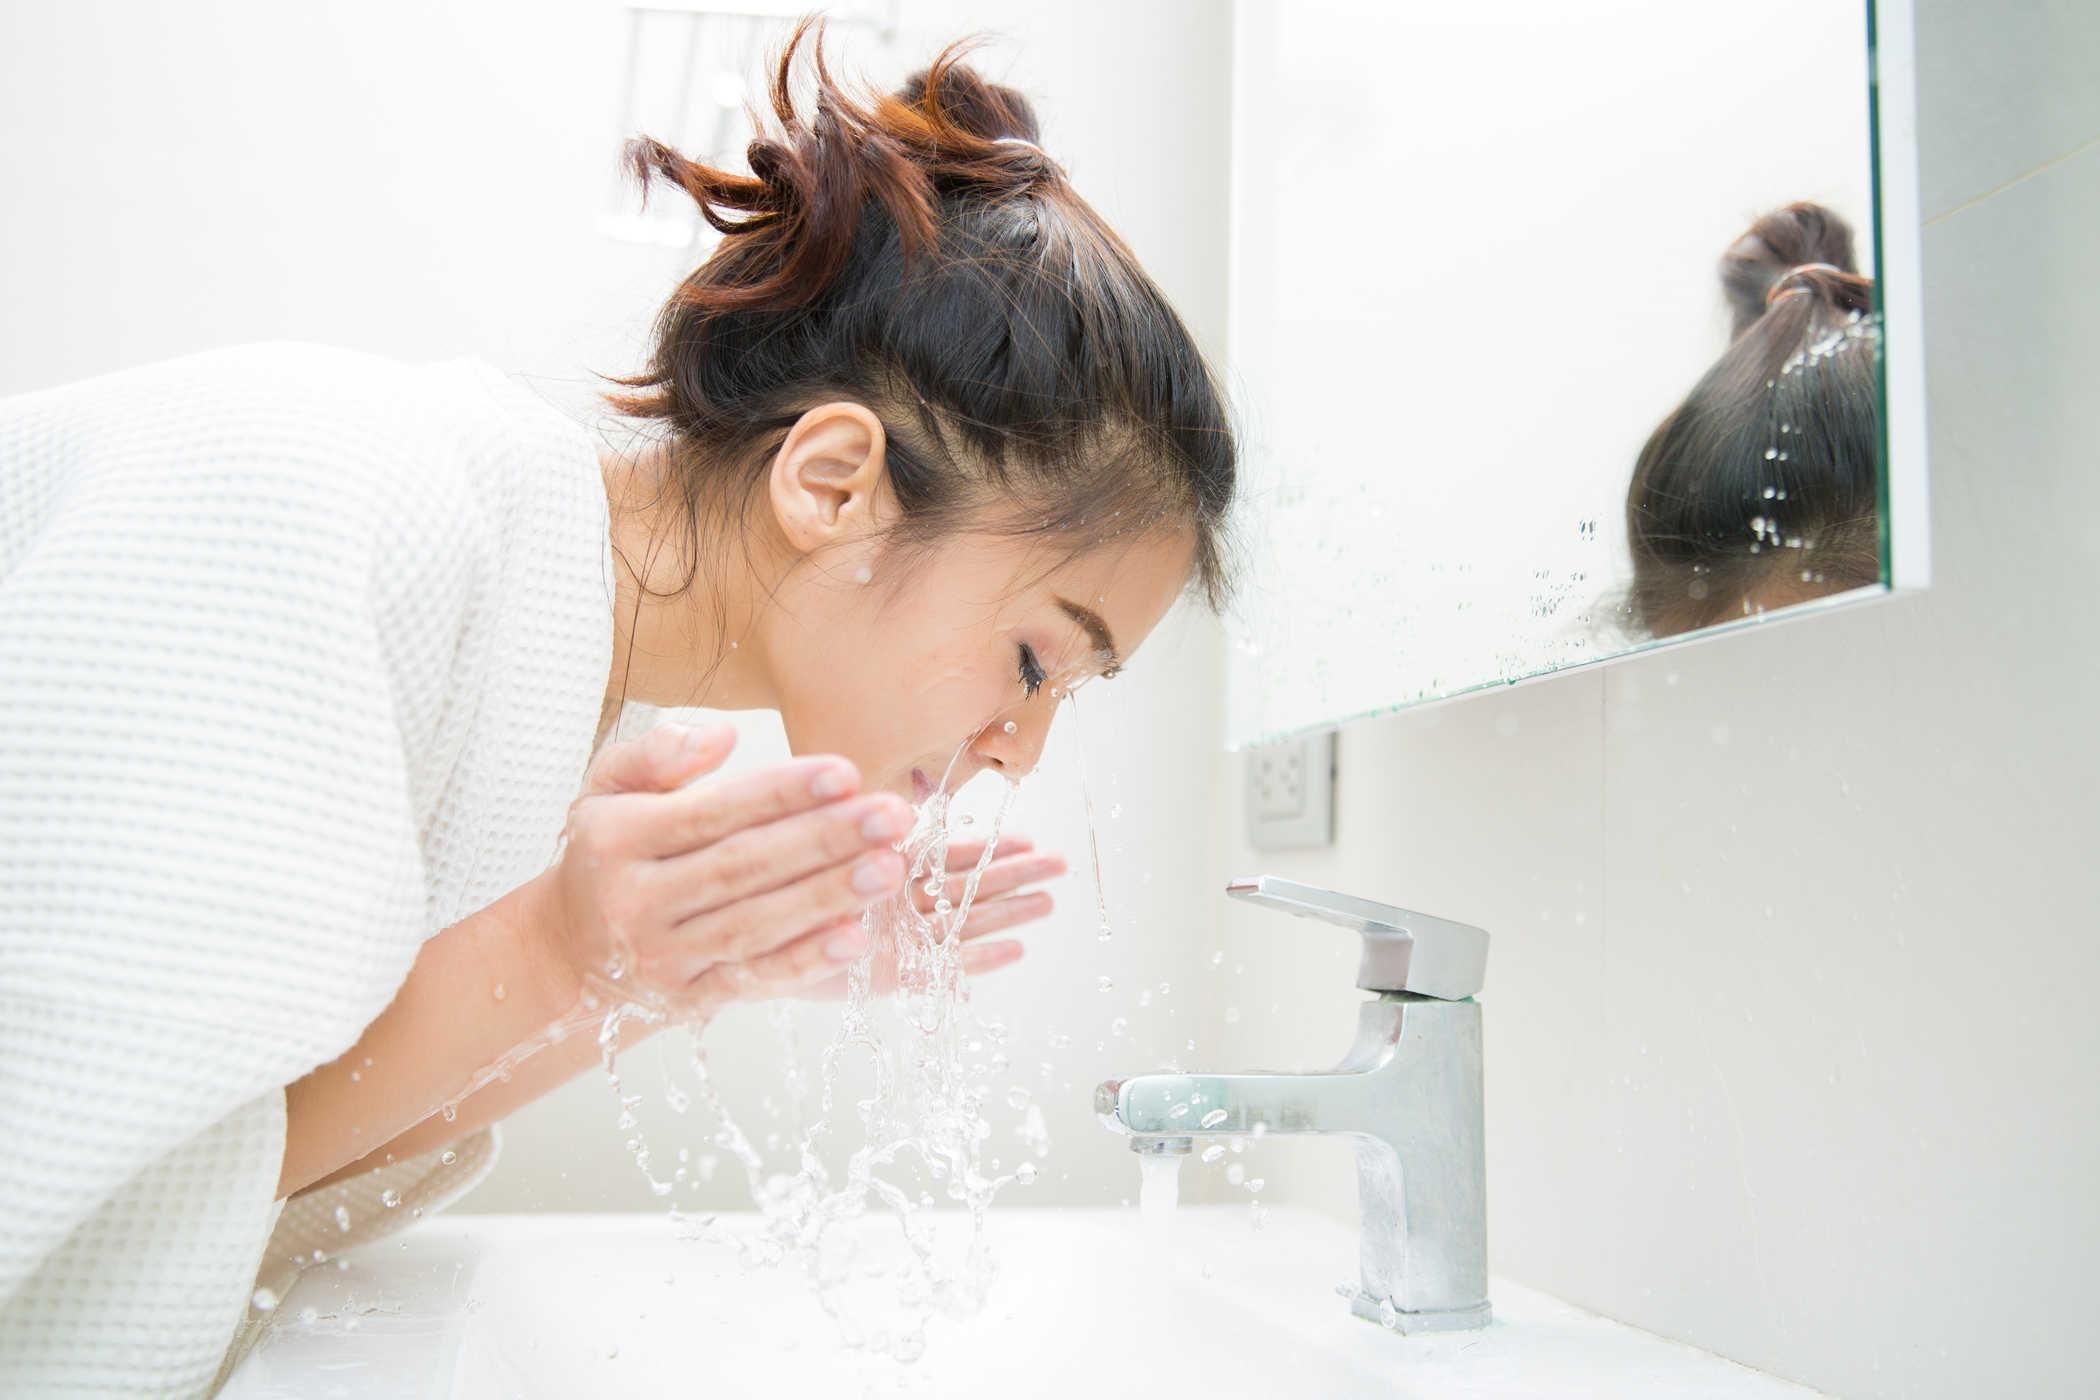 Da mặt sạch sẽ giúp loại bỏ tình trạng mụn cho mẹ bầu